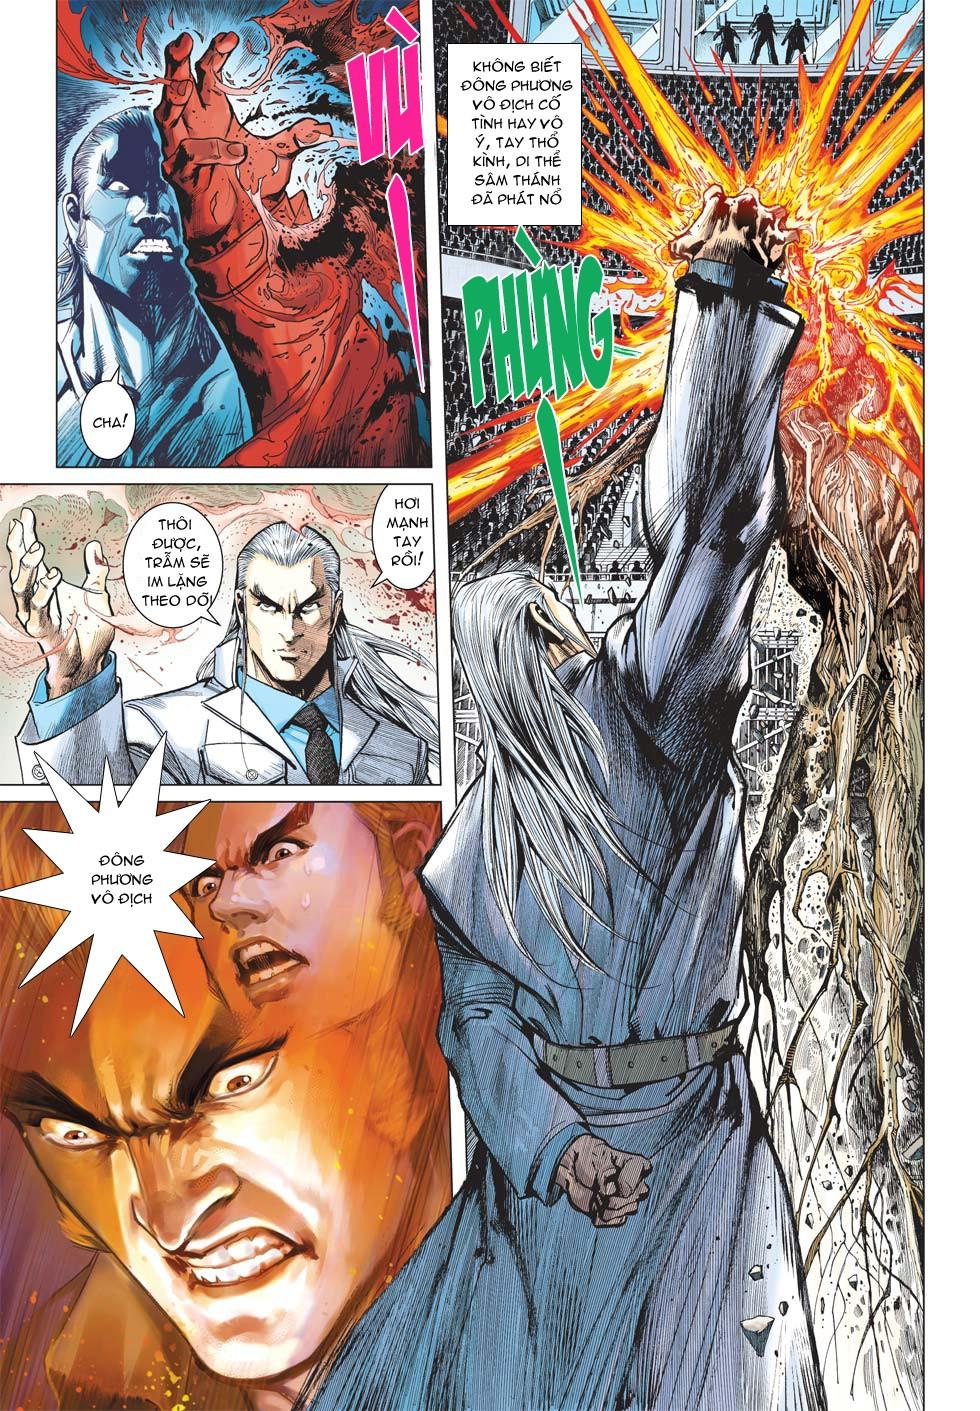 Vương Phong Lôi 1 chap 27 - Trang 12